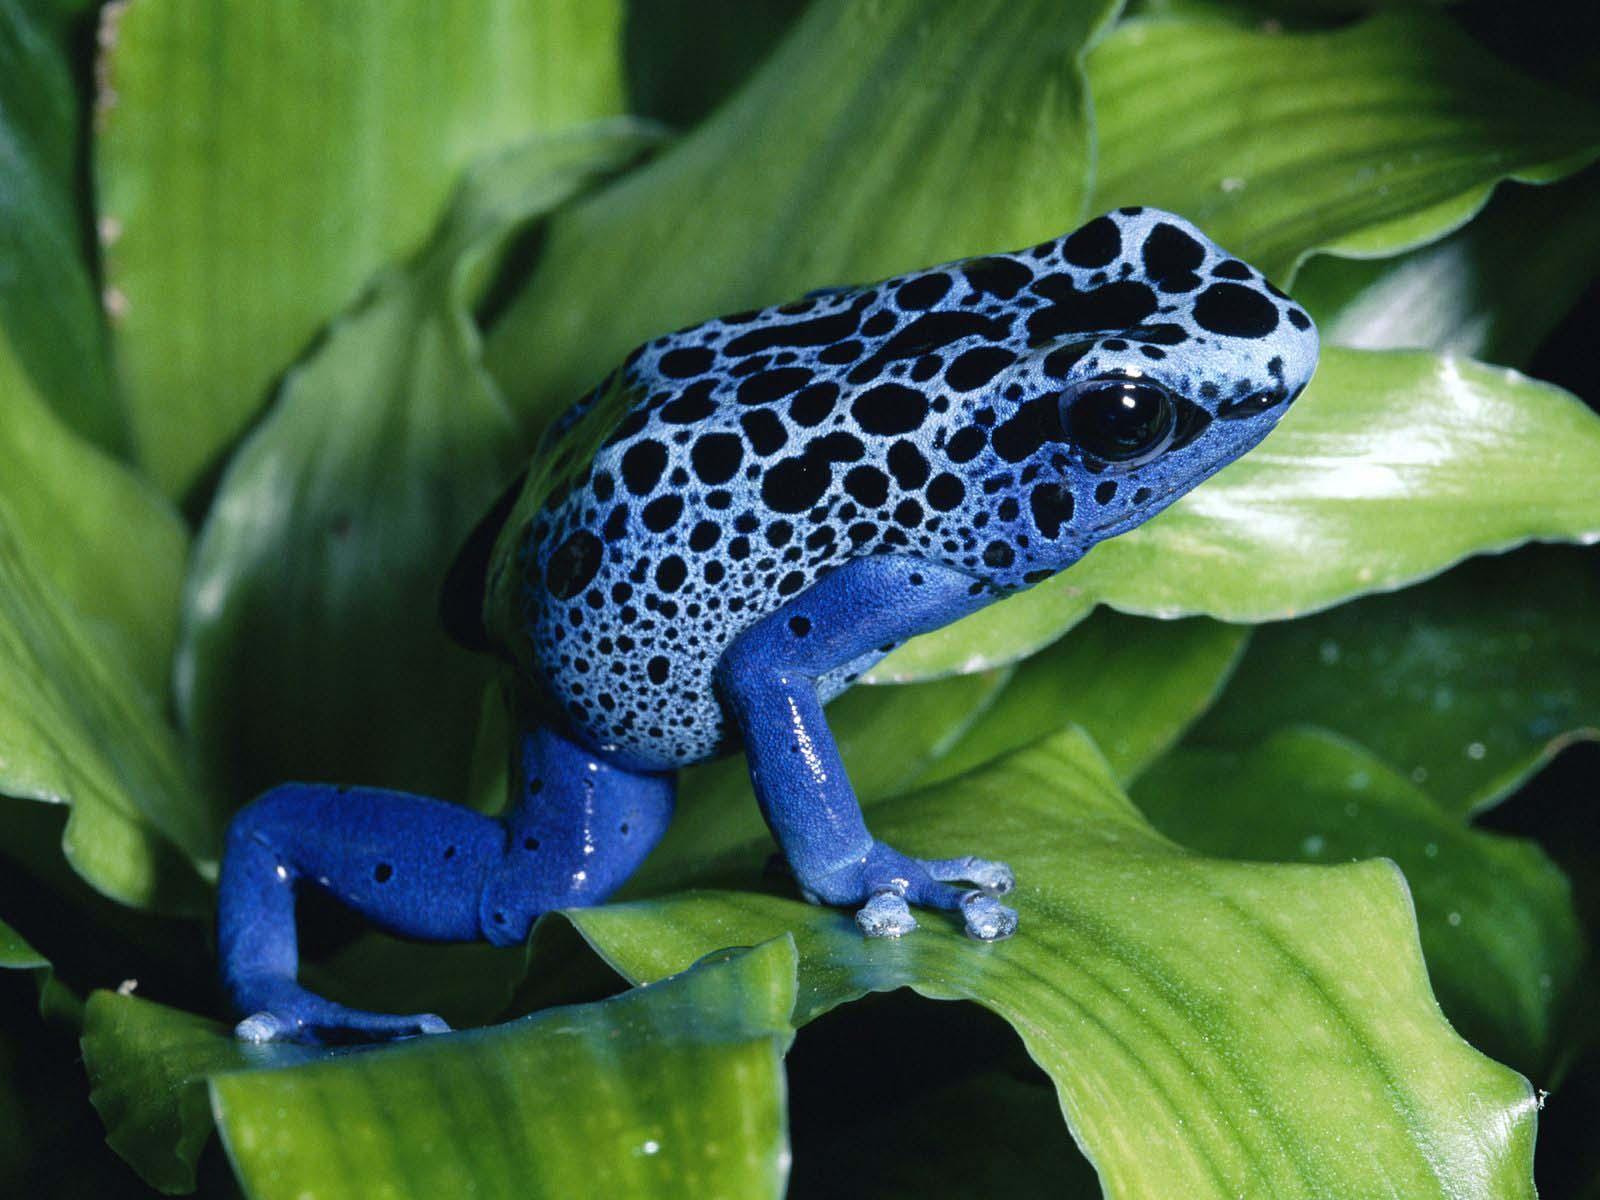 http://3.bp.blogspot.com/-KFEZ28HQDiM/TpfNnJ5EFyI/AAAAAAAAAQo/VXUjOxzJ1tw/s1600/Frogs-funny-and-colorful-HD-Wallpapers-4.jpg